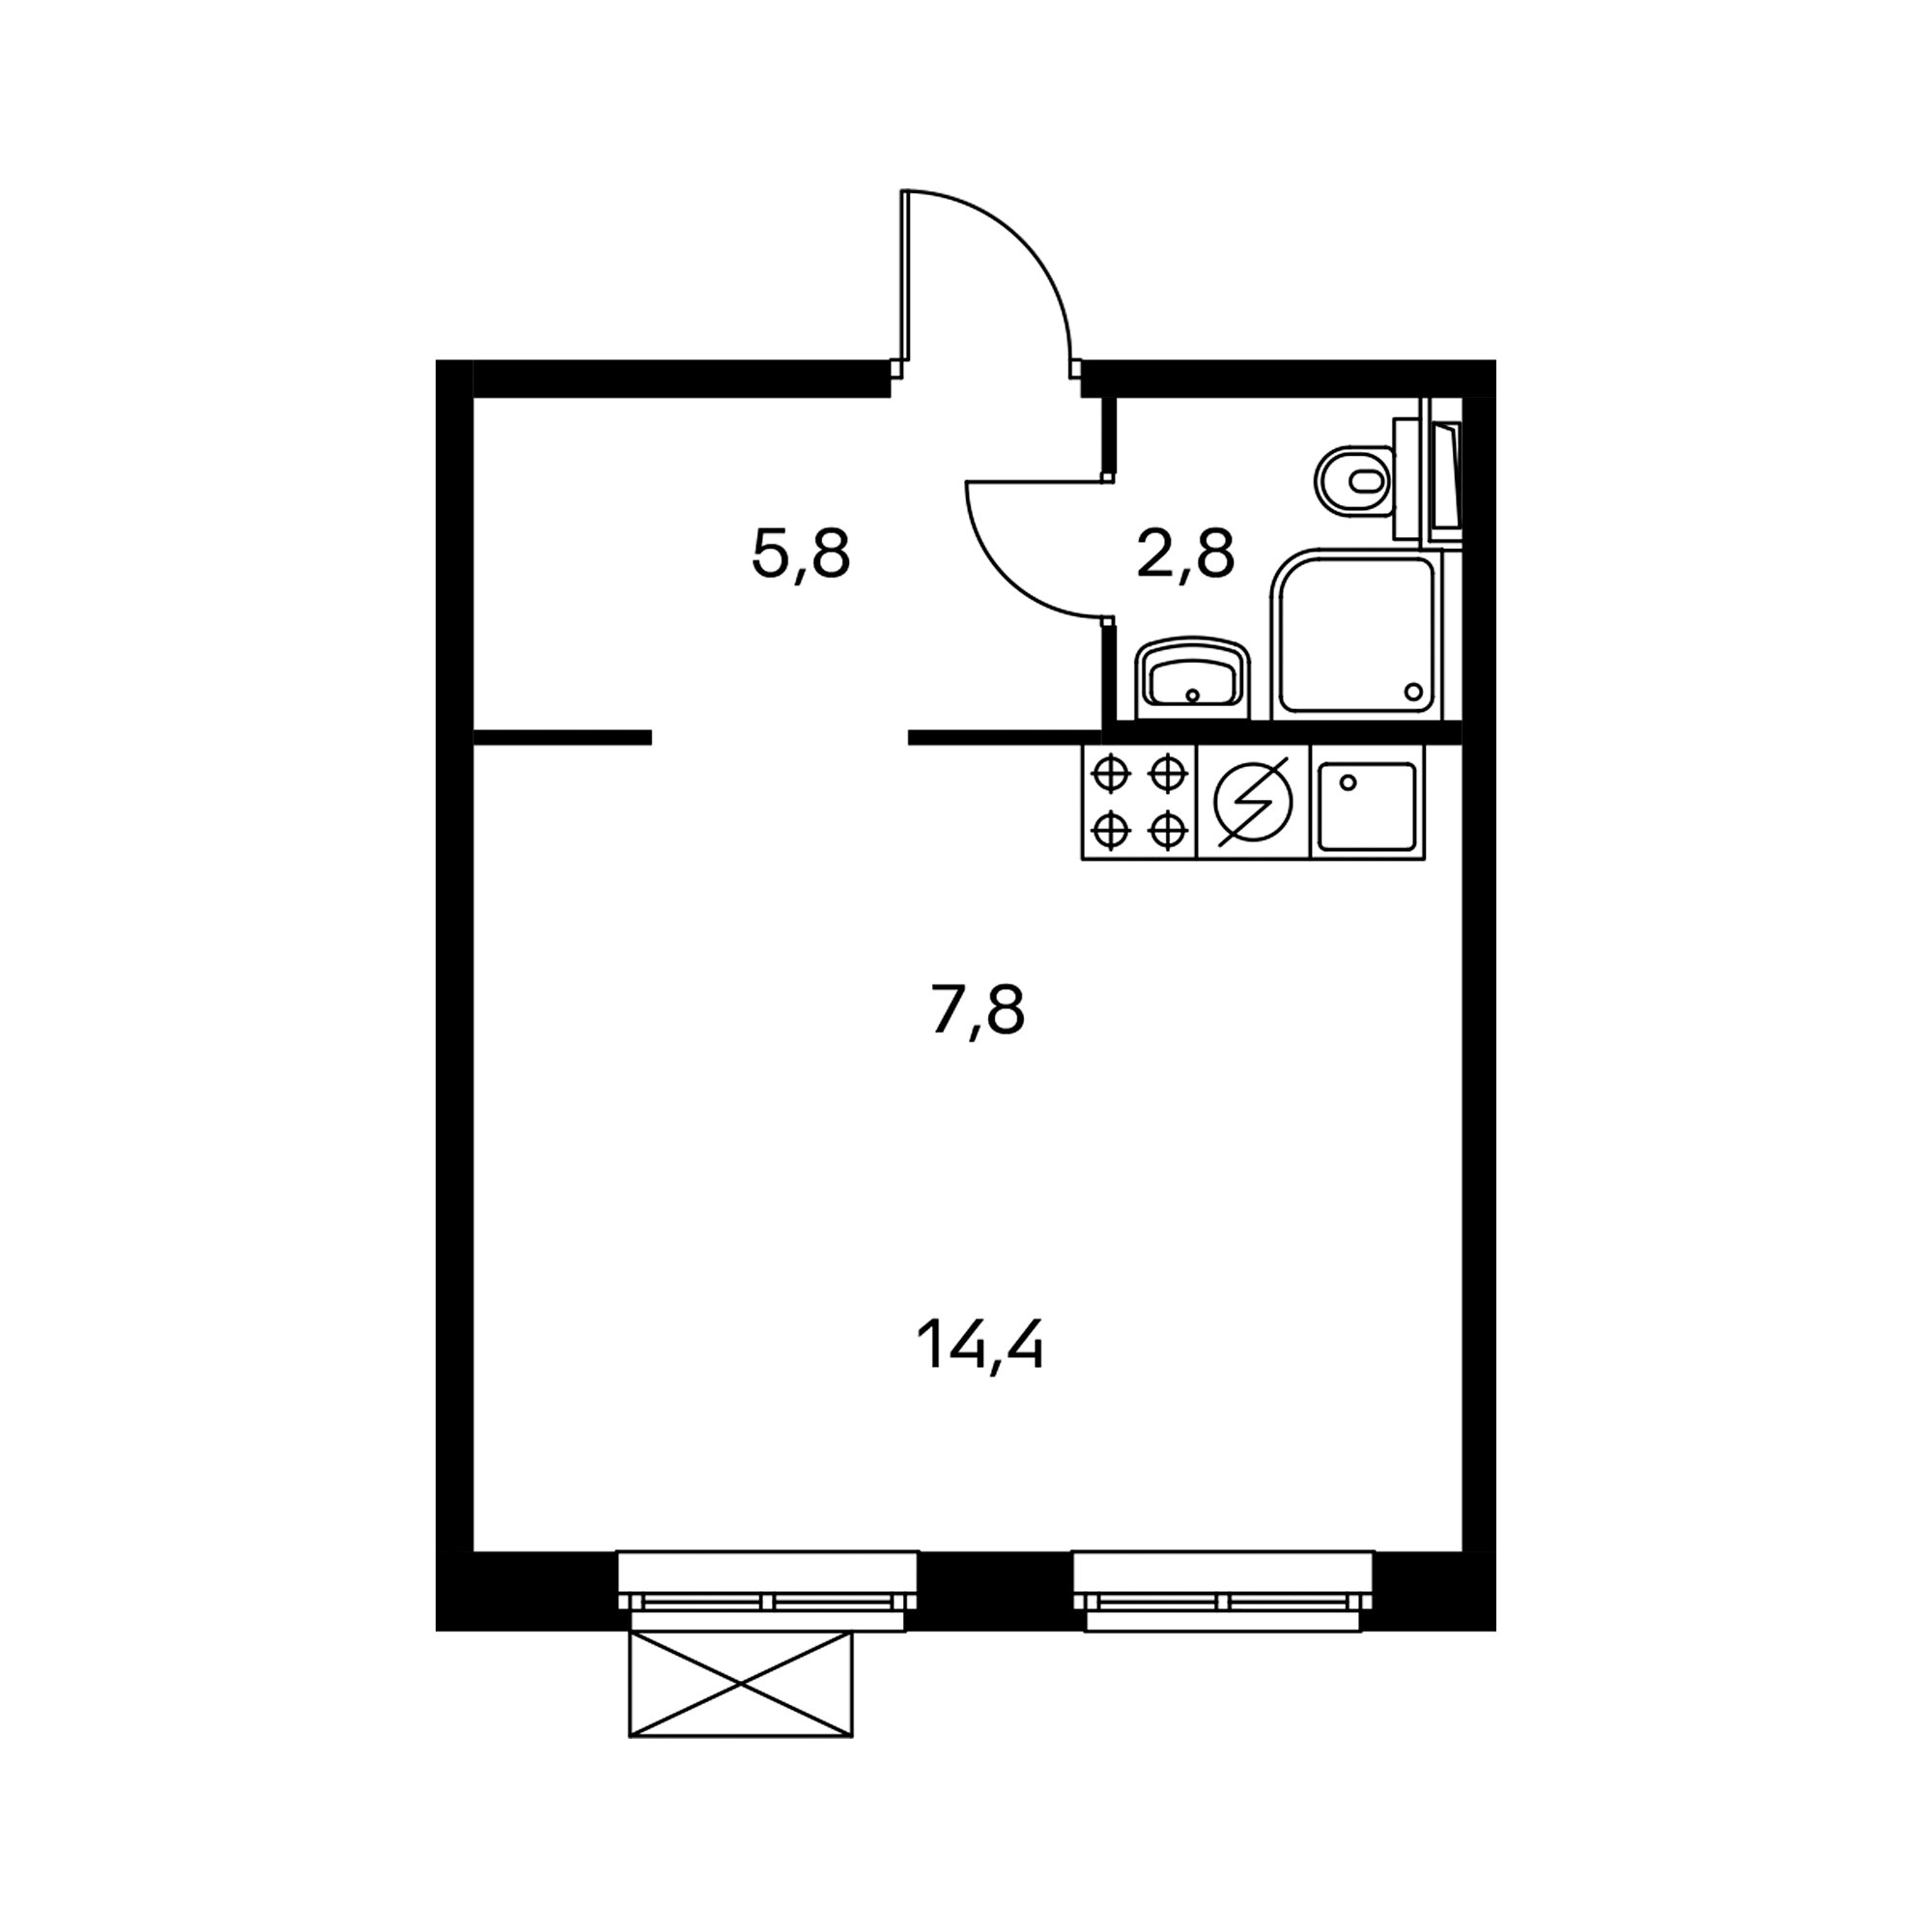 1NL1_5.4-1_S_A